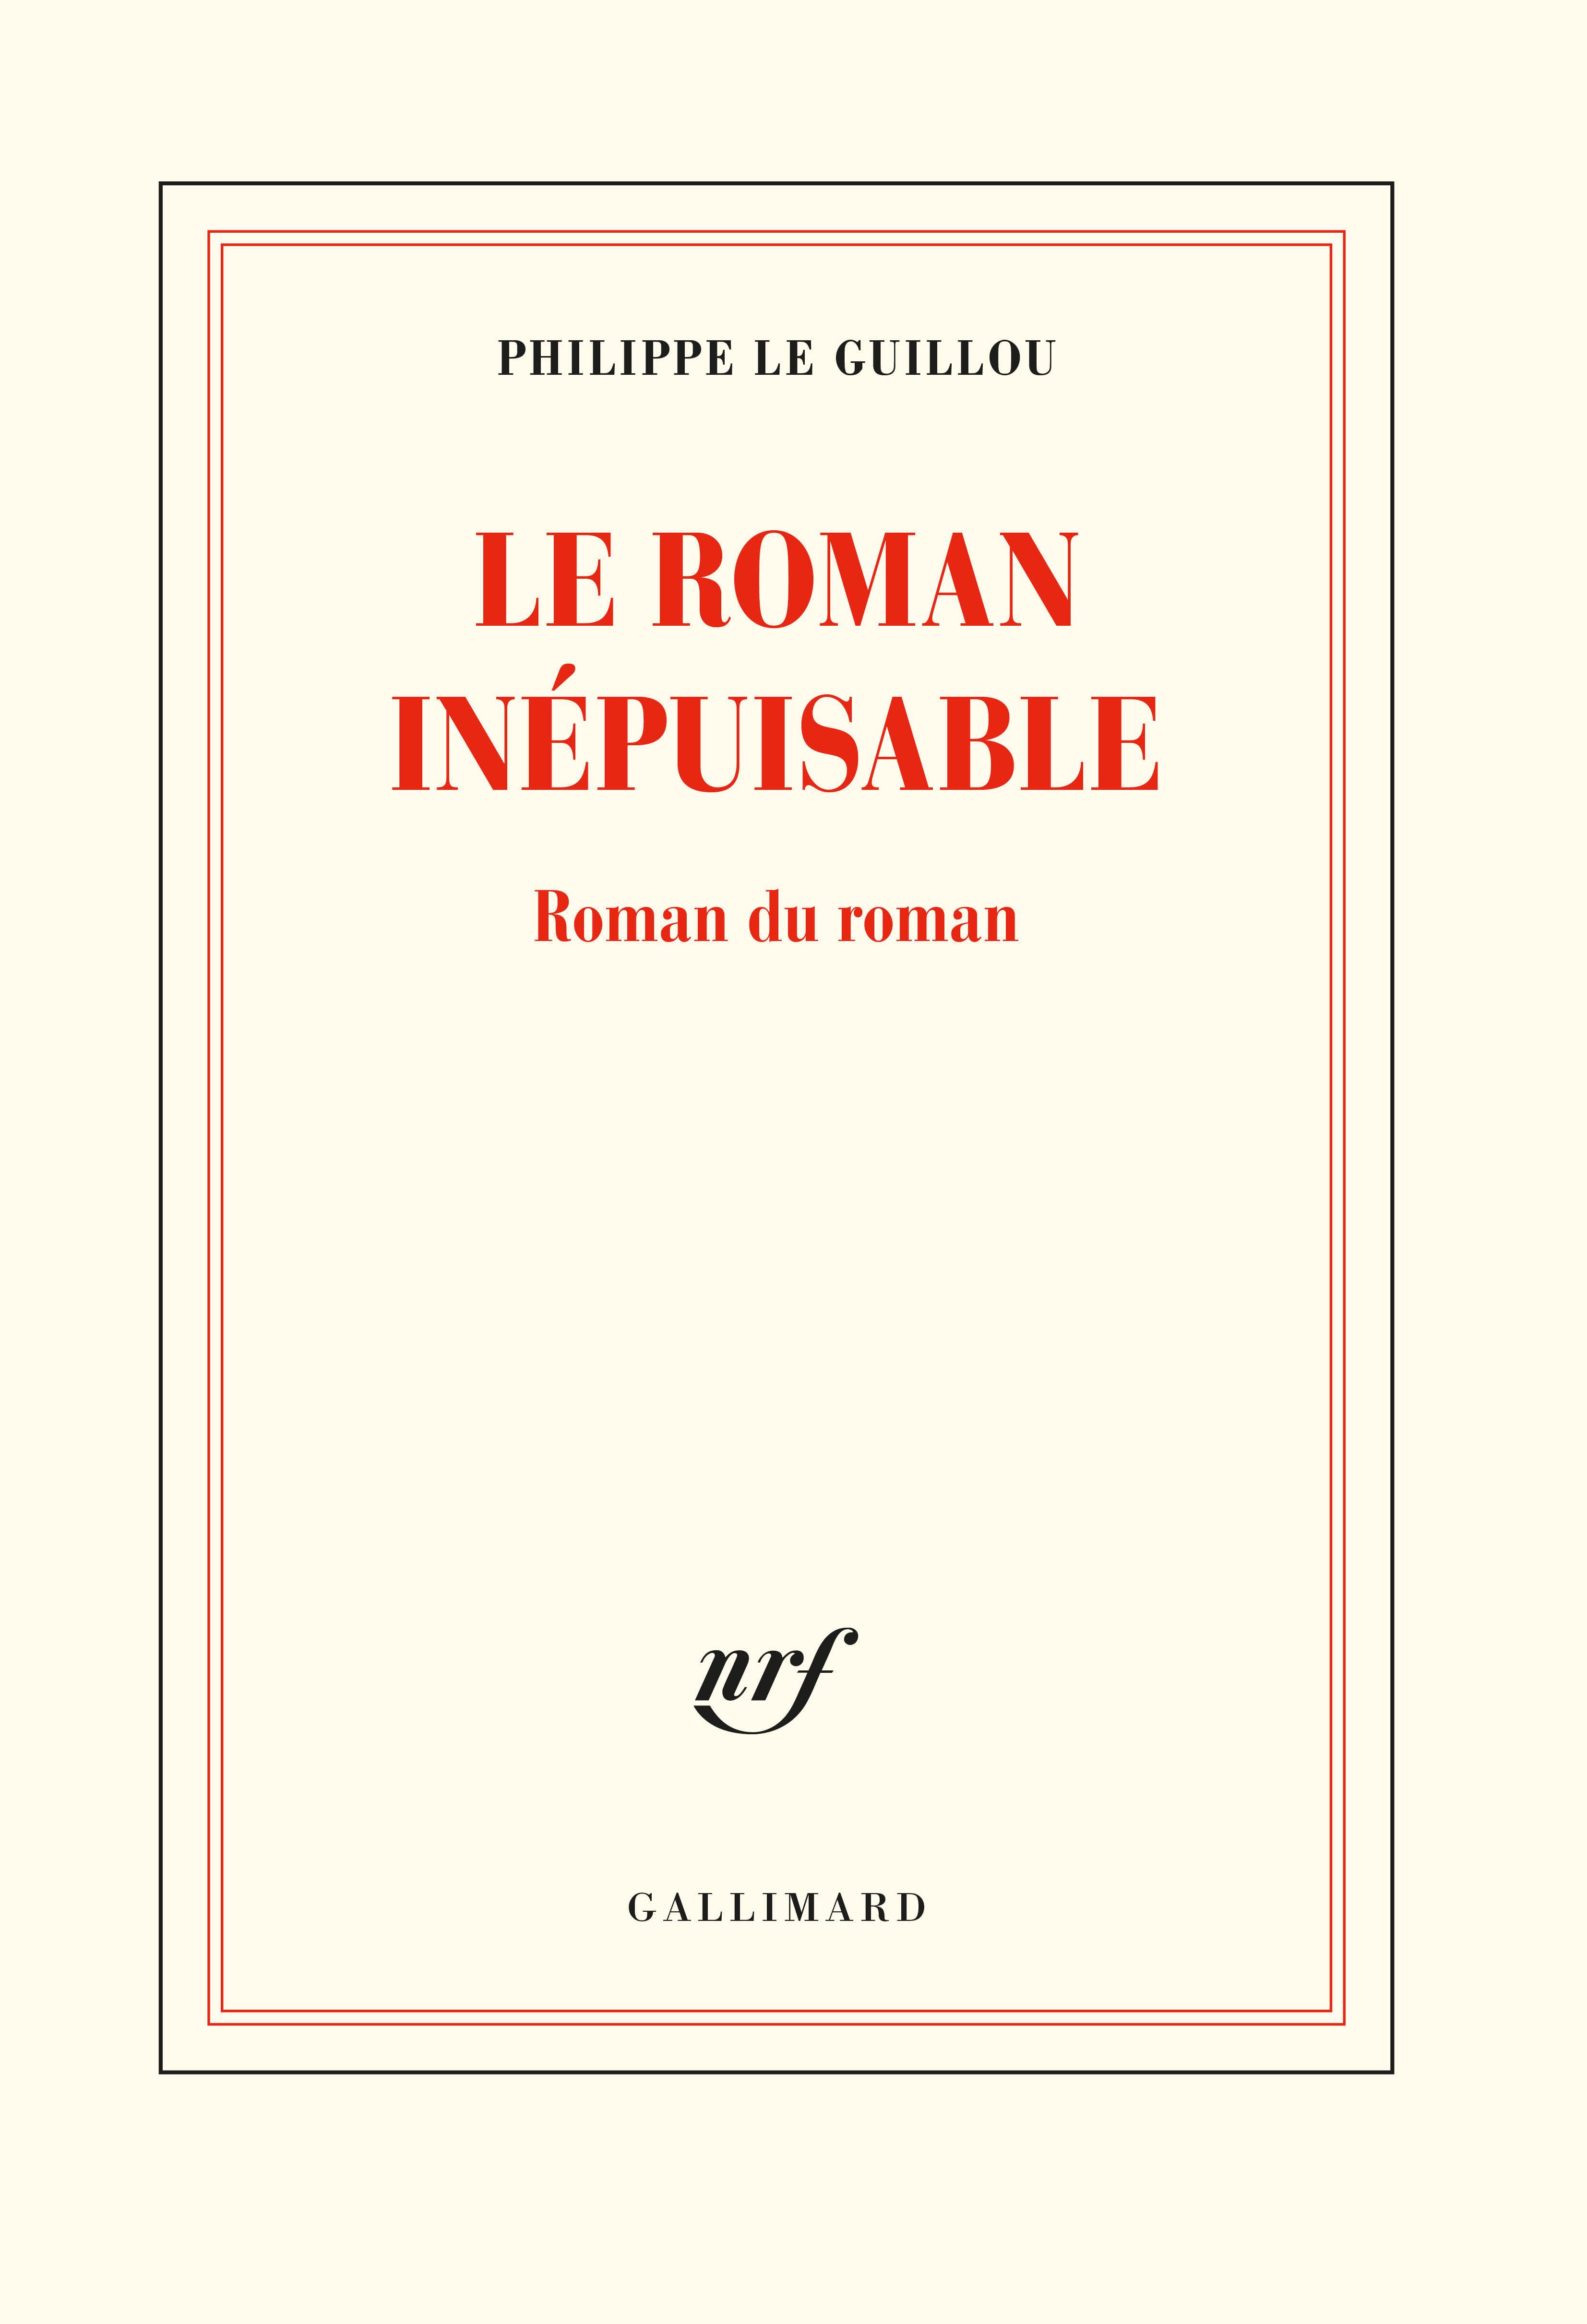 Ph. Le Guillou, Le roman inépuisable. Roman du roman